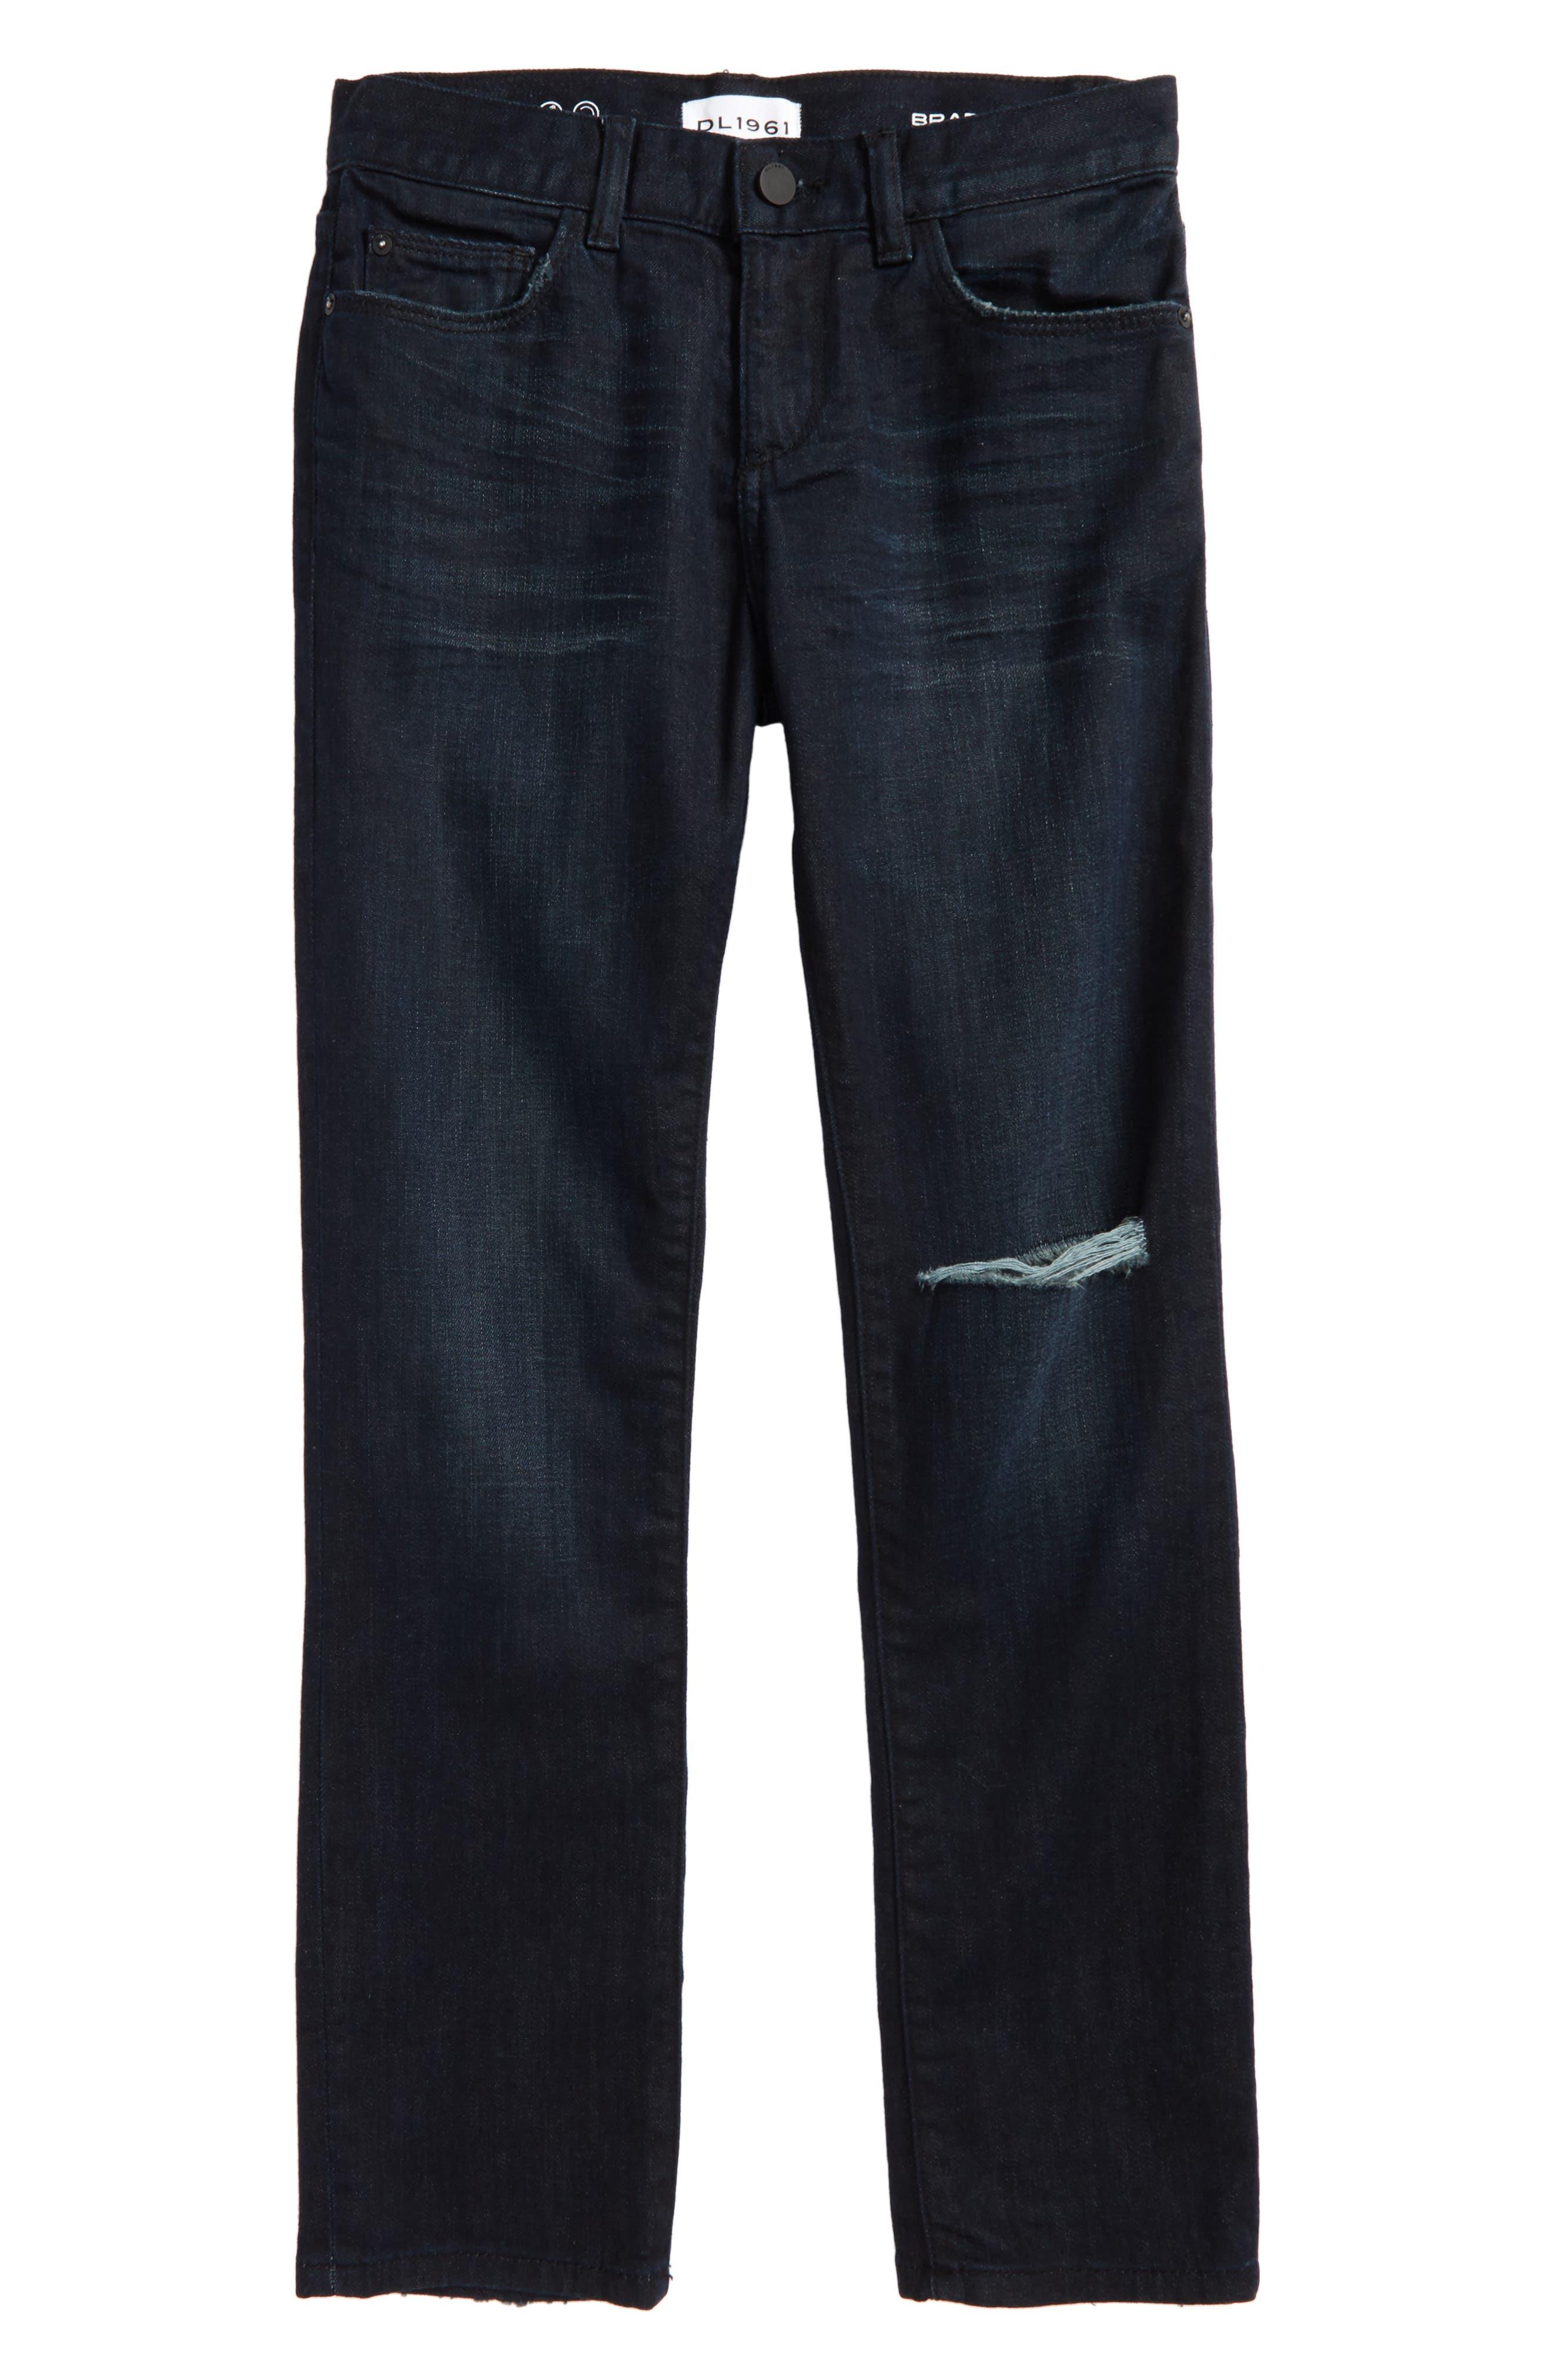 DL 1961 Brady Slim Fit Jeans (Big Boys)